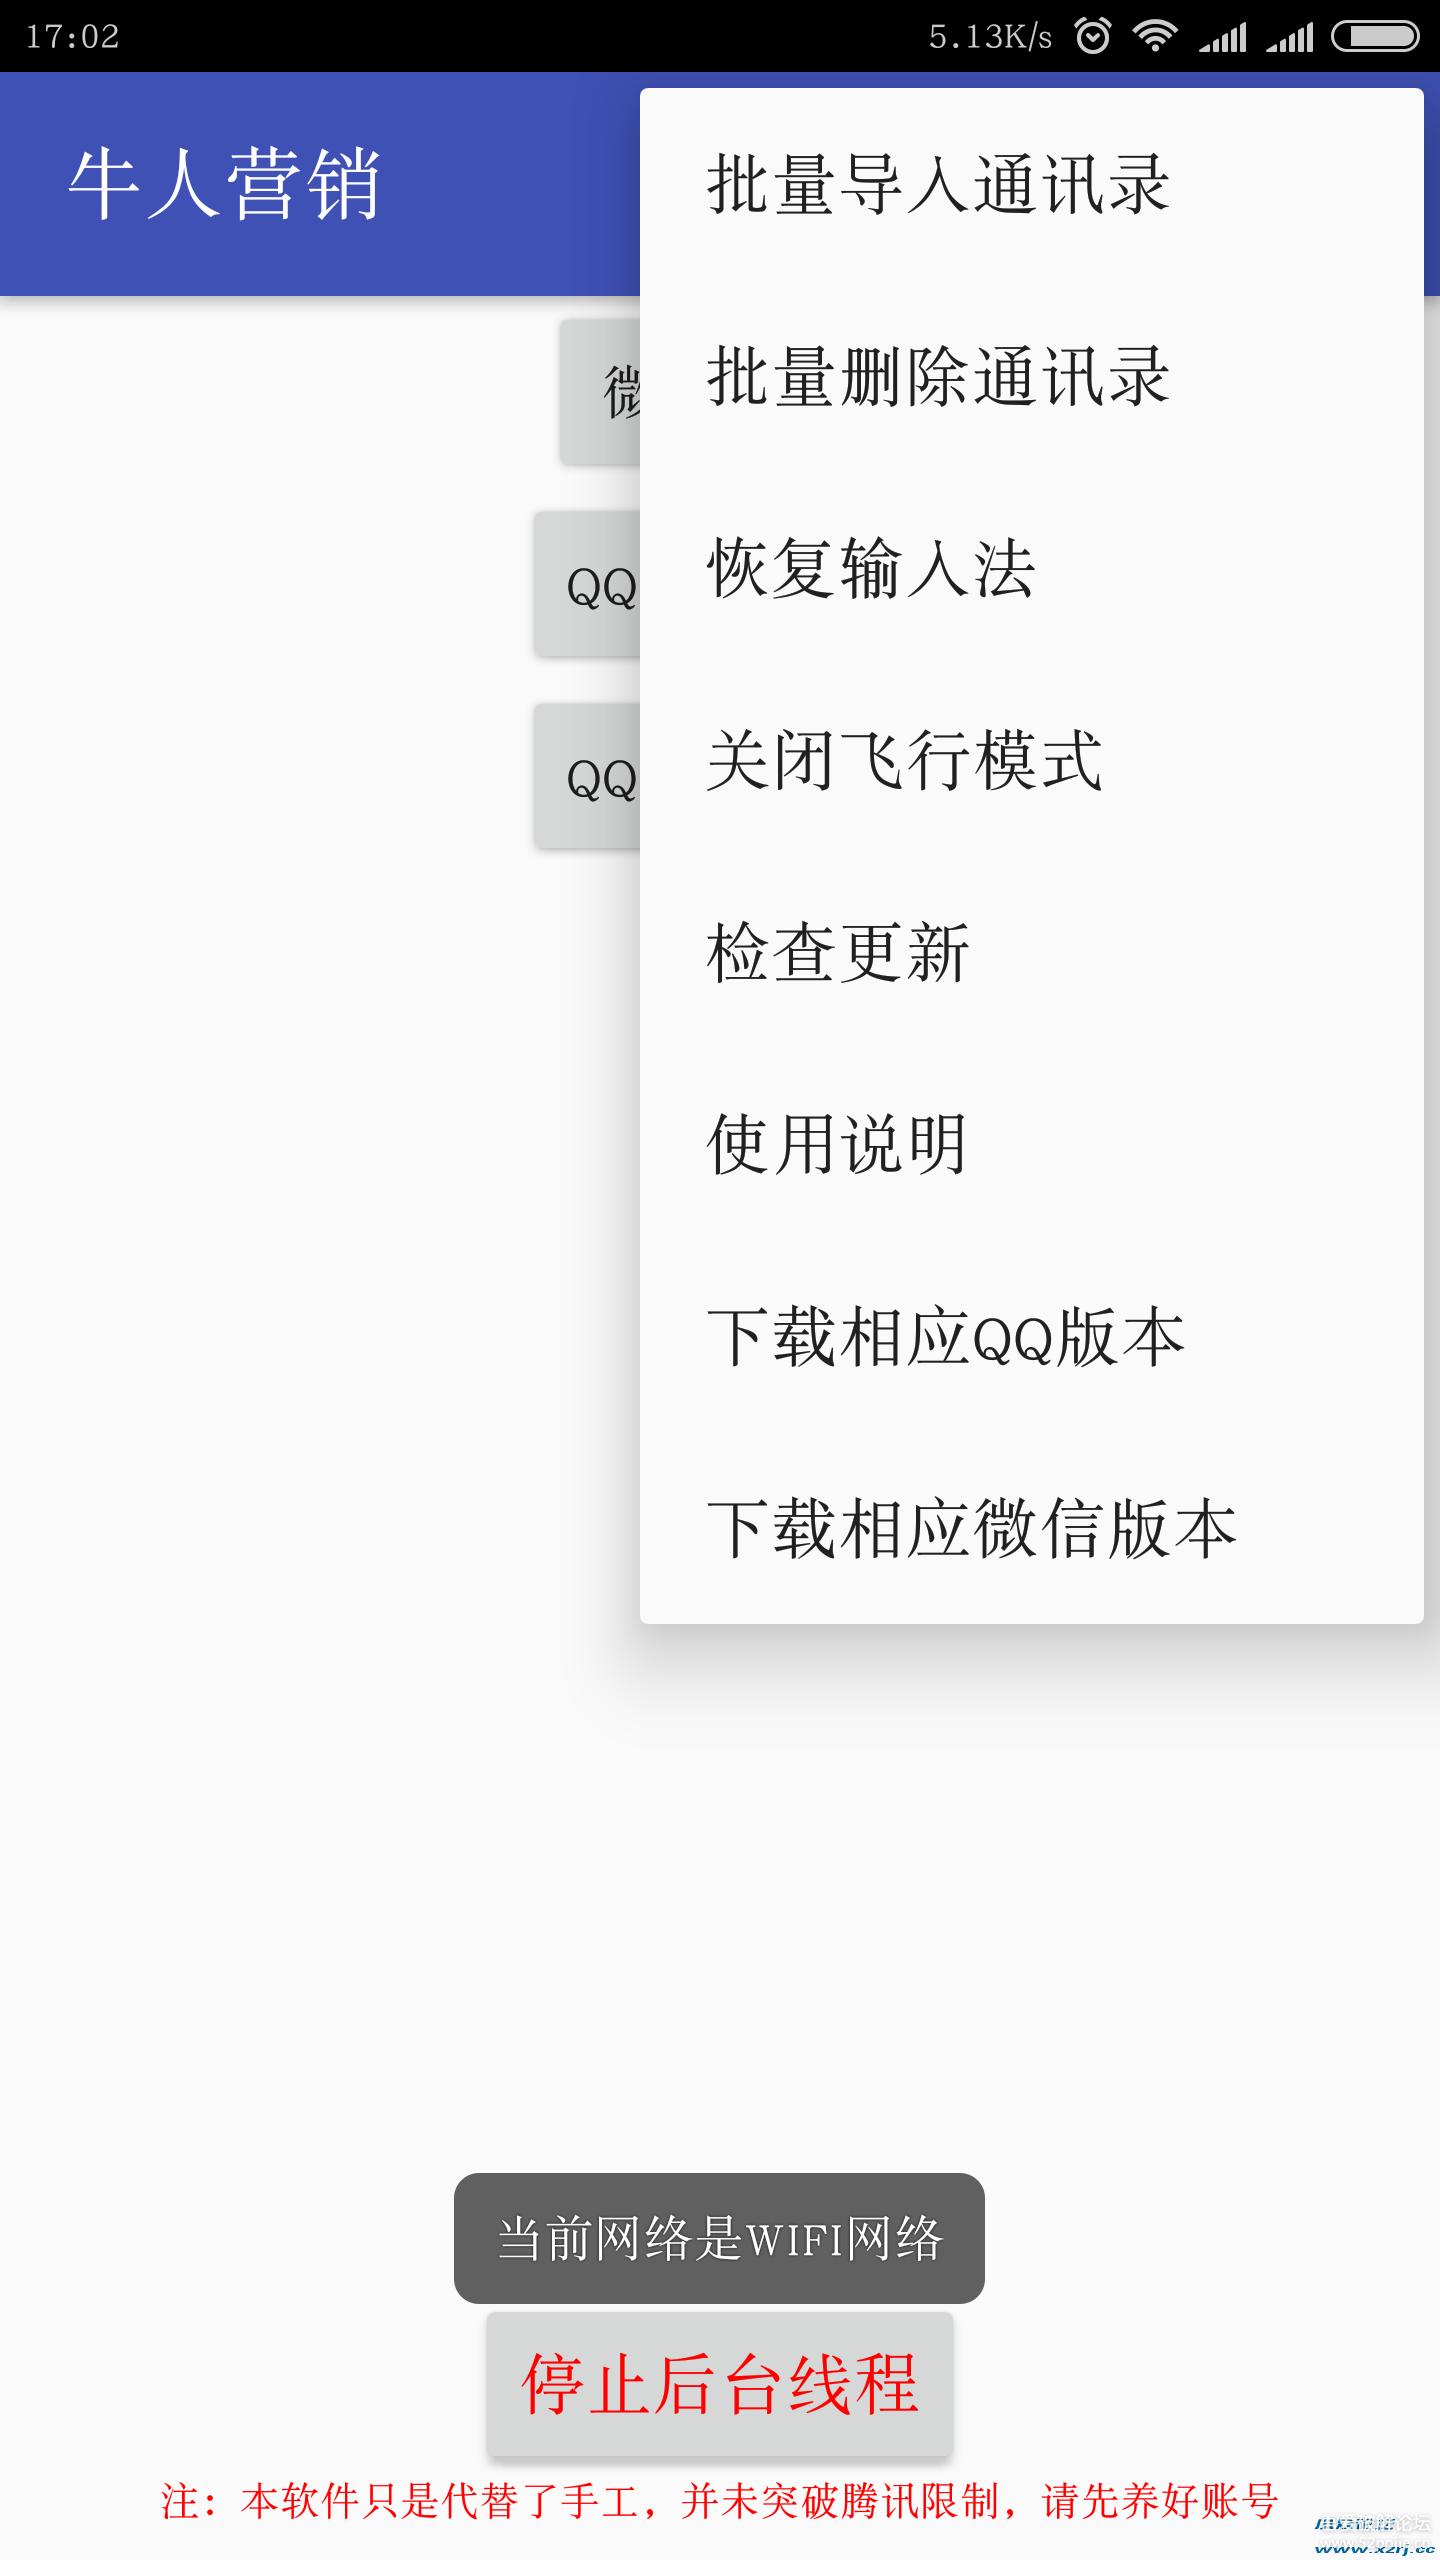 牛人营销v2.5.2微信QQ双自动加人+注册机